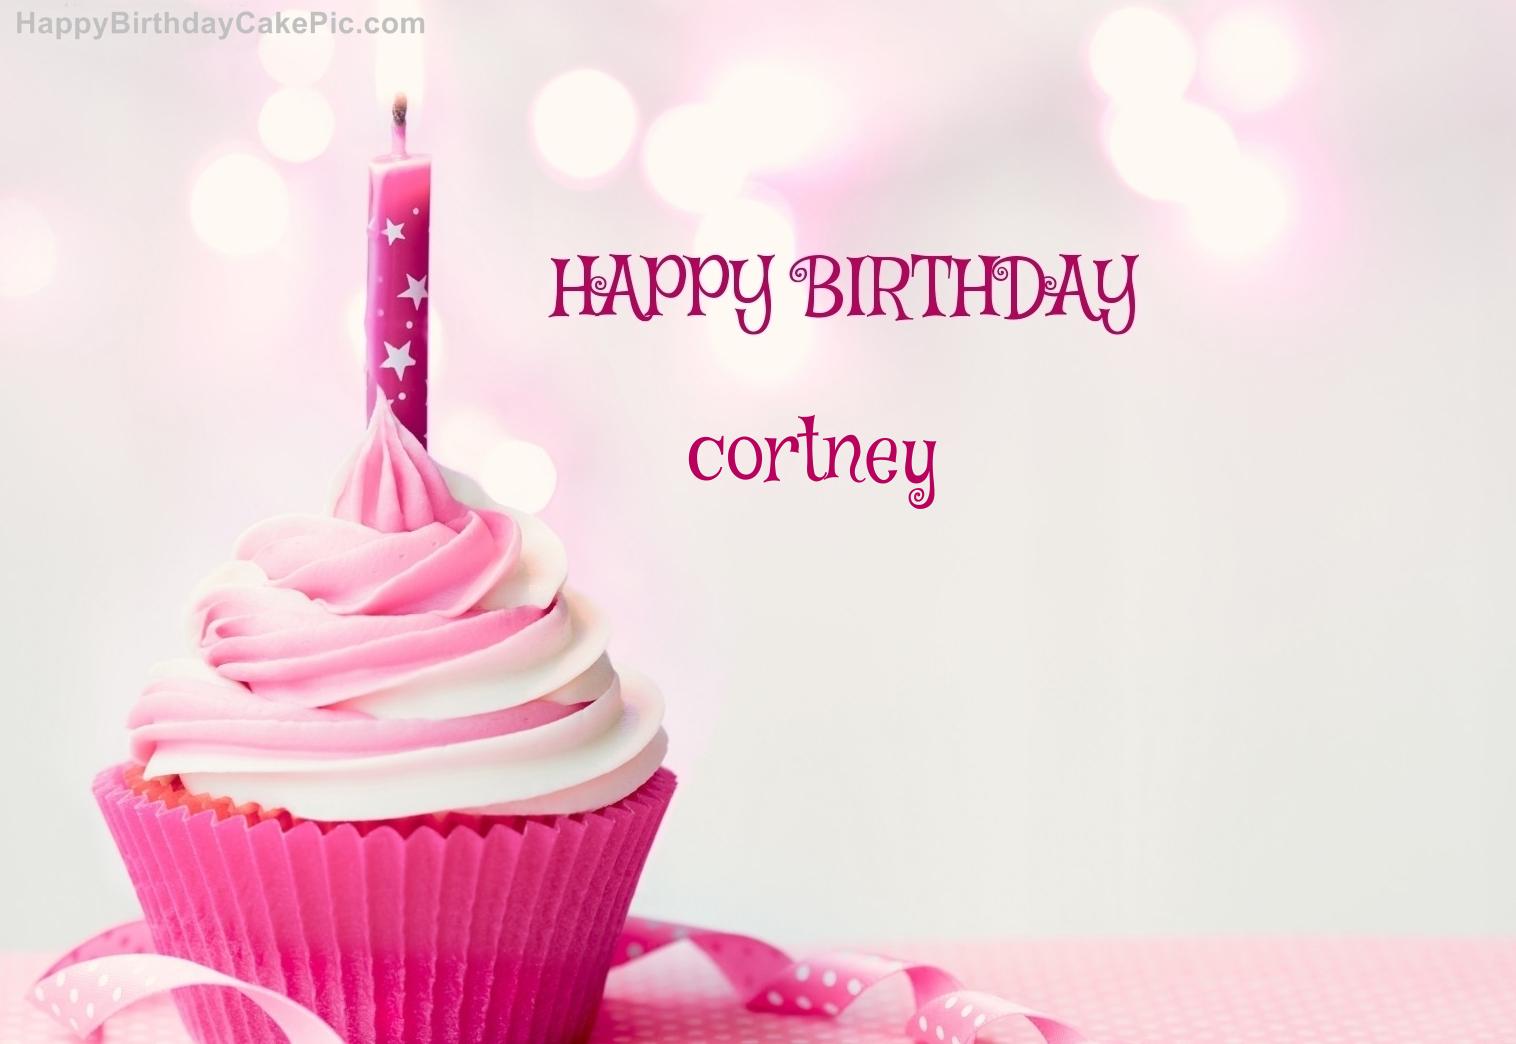 Happy Birthday Courtney Cake